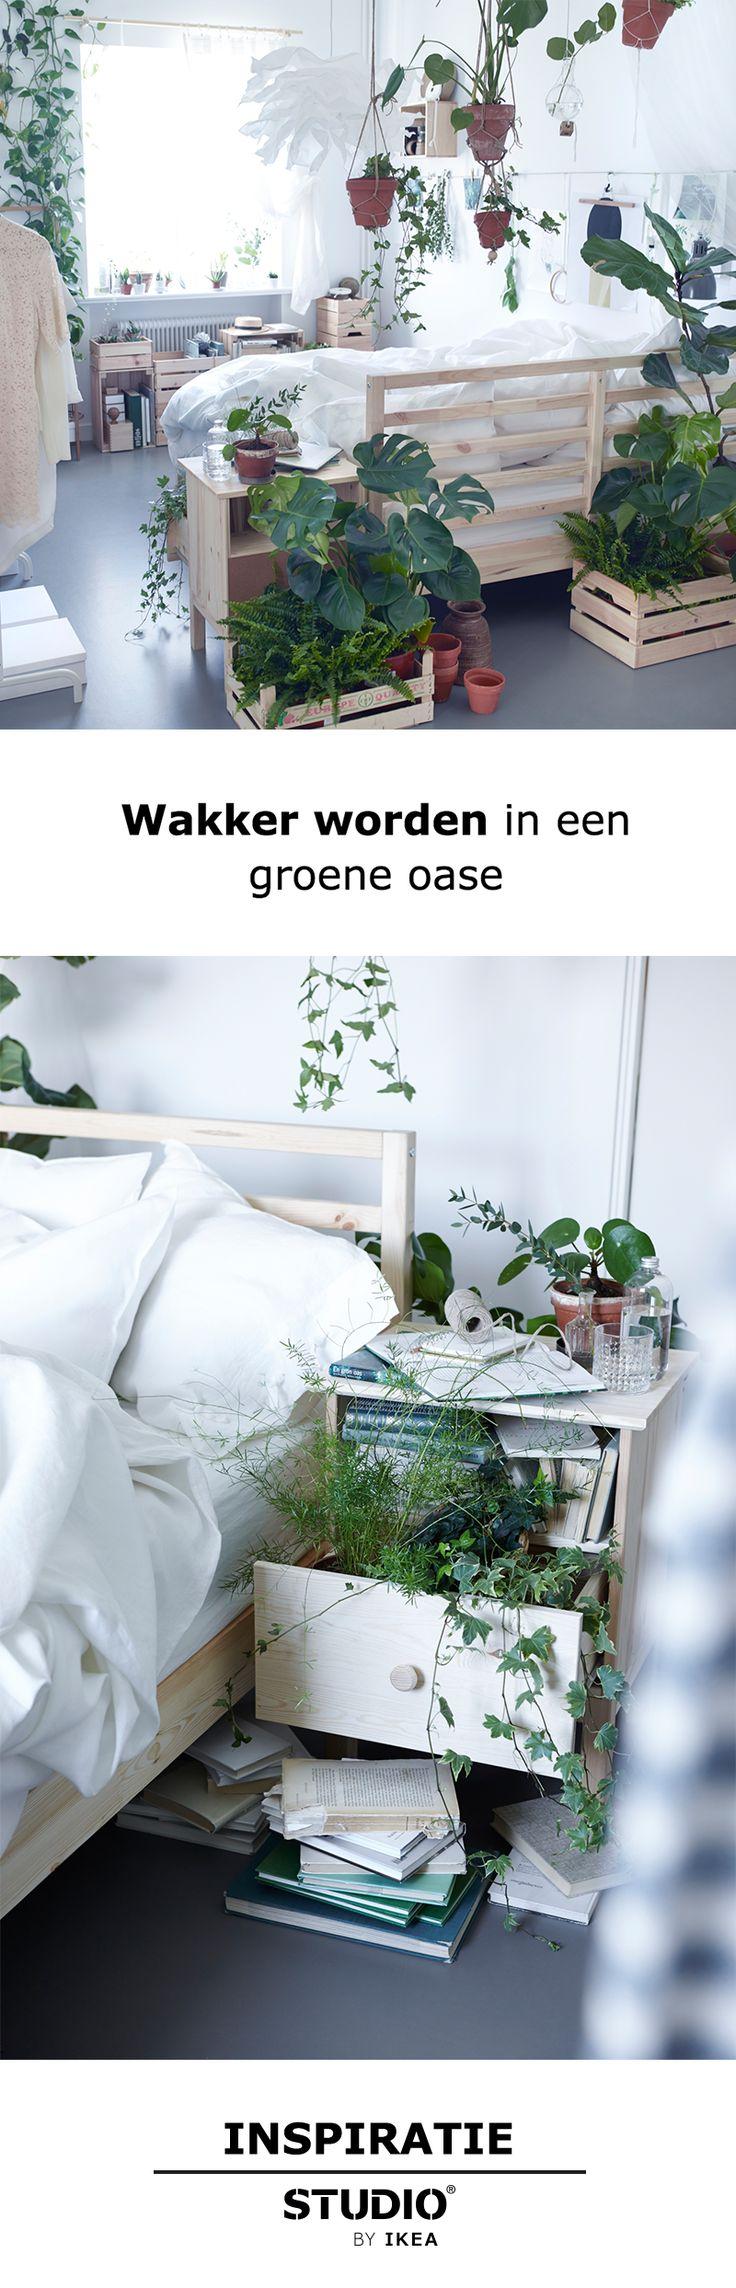 STUDIO by IKEA - Wakker worden in een groene oase | #STUDIObyIKEA #IKEA #IKEAnl…